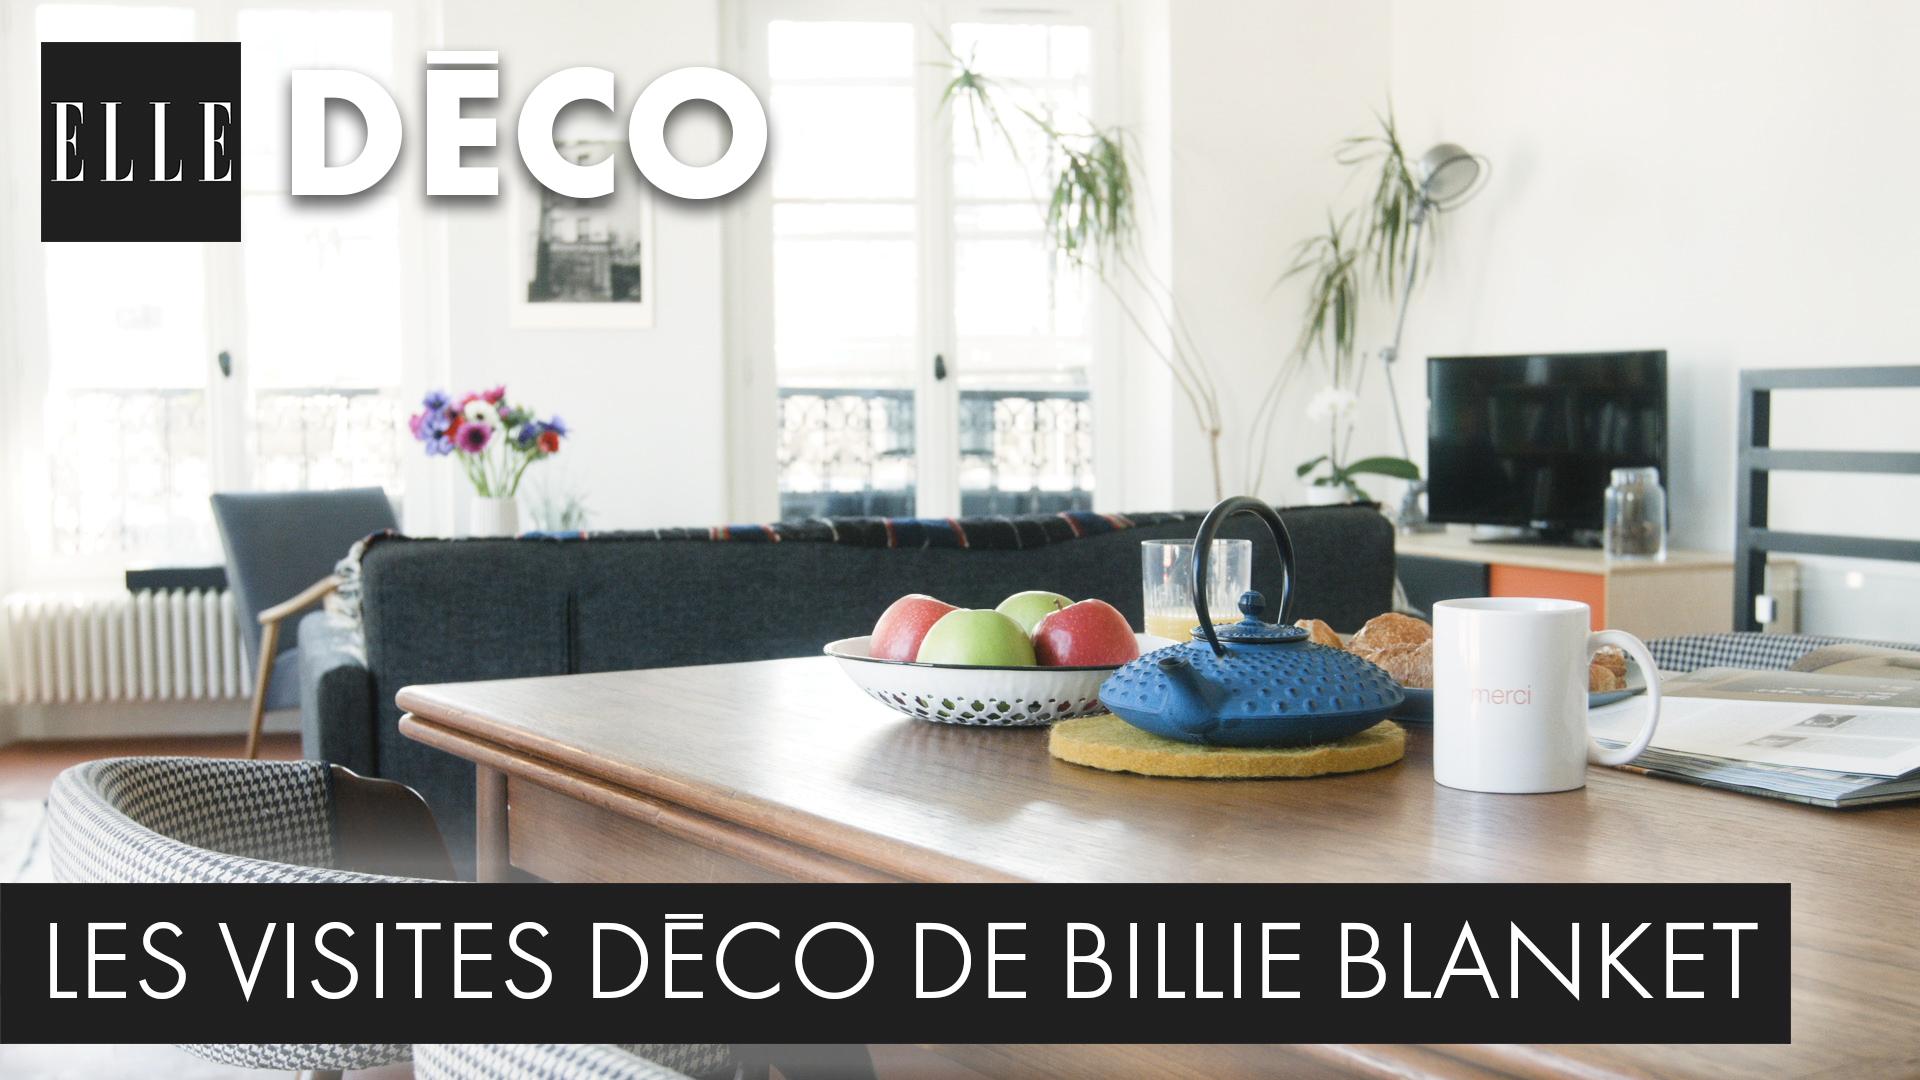 visite d co de billie blancket un appart parisien de 60 m ultra malin elle vid os. Black Bedroom Furniture Sets. Home Design Ideas